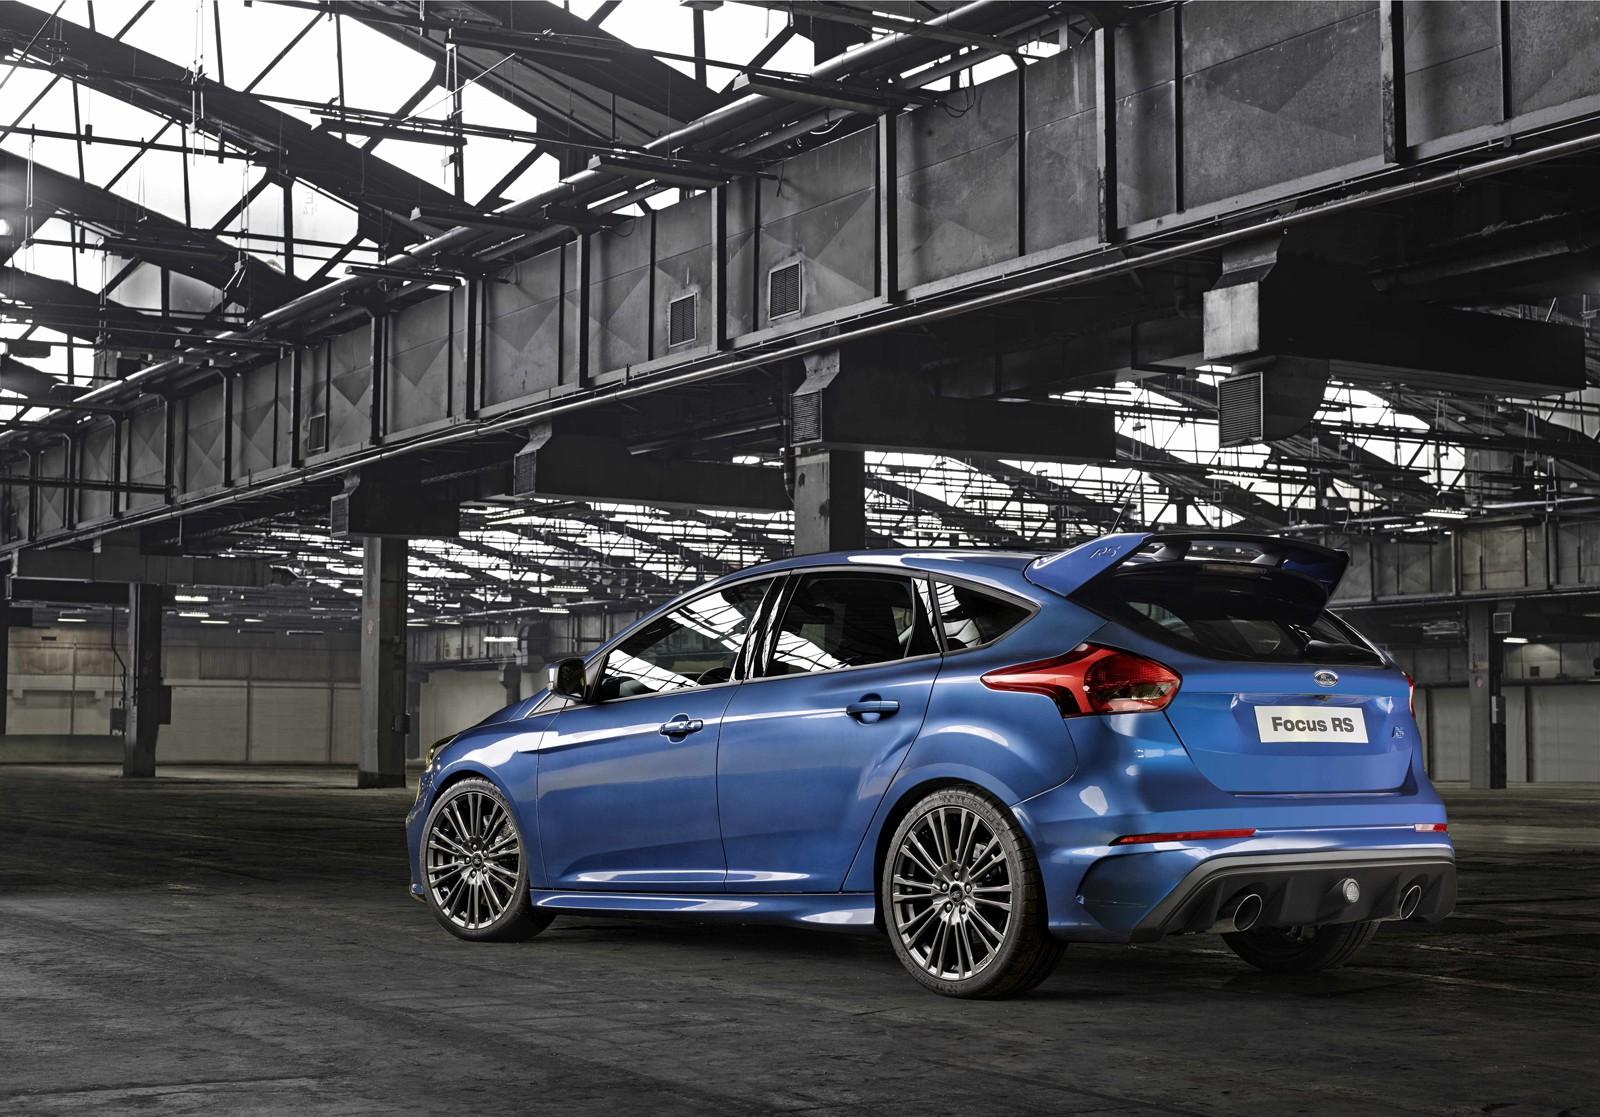 ¿Eres un «freaky» del Forza? Pues atento, que puedes conseguir un Ford Focus RS